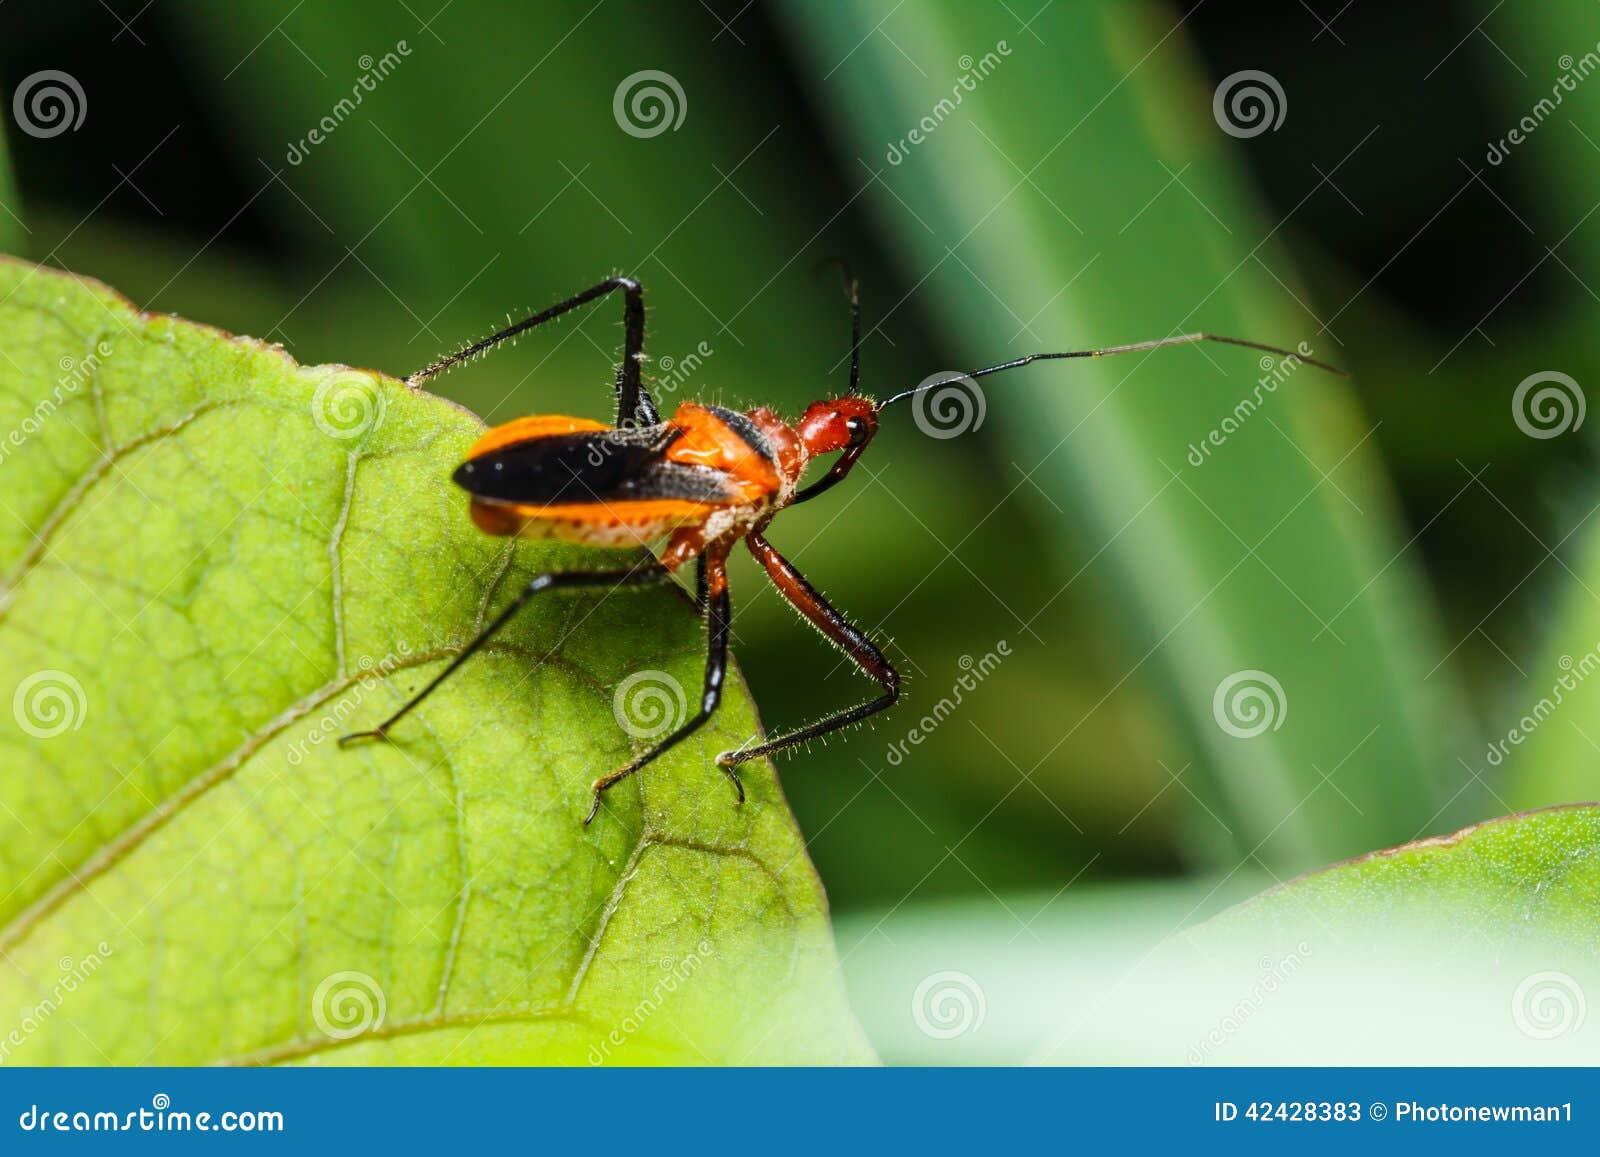 Insecto en la hierba verde